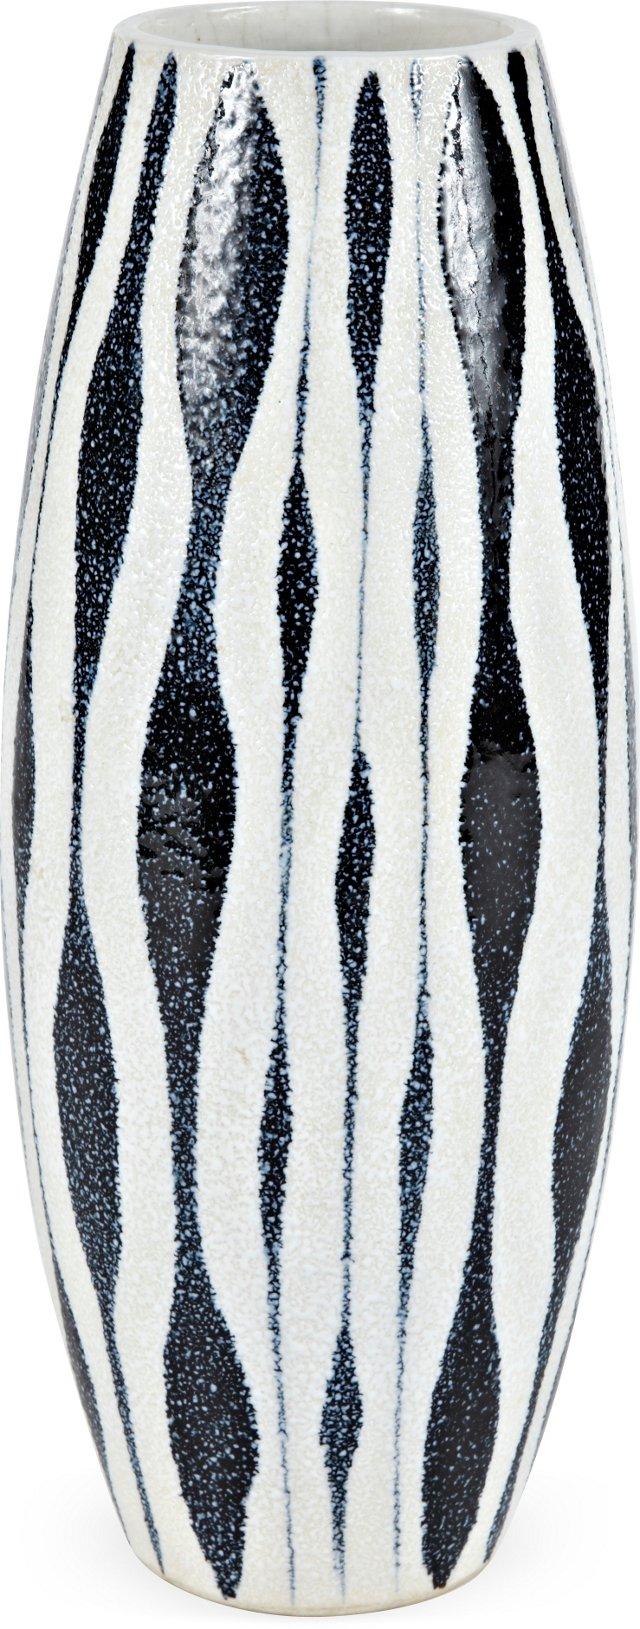 1950s Japanese Art Pottery Vase